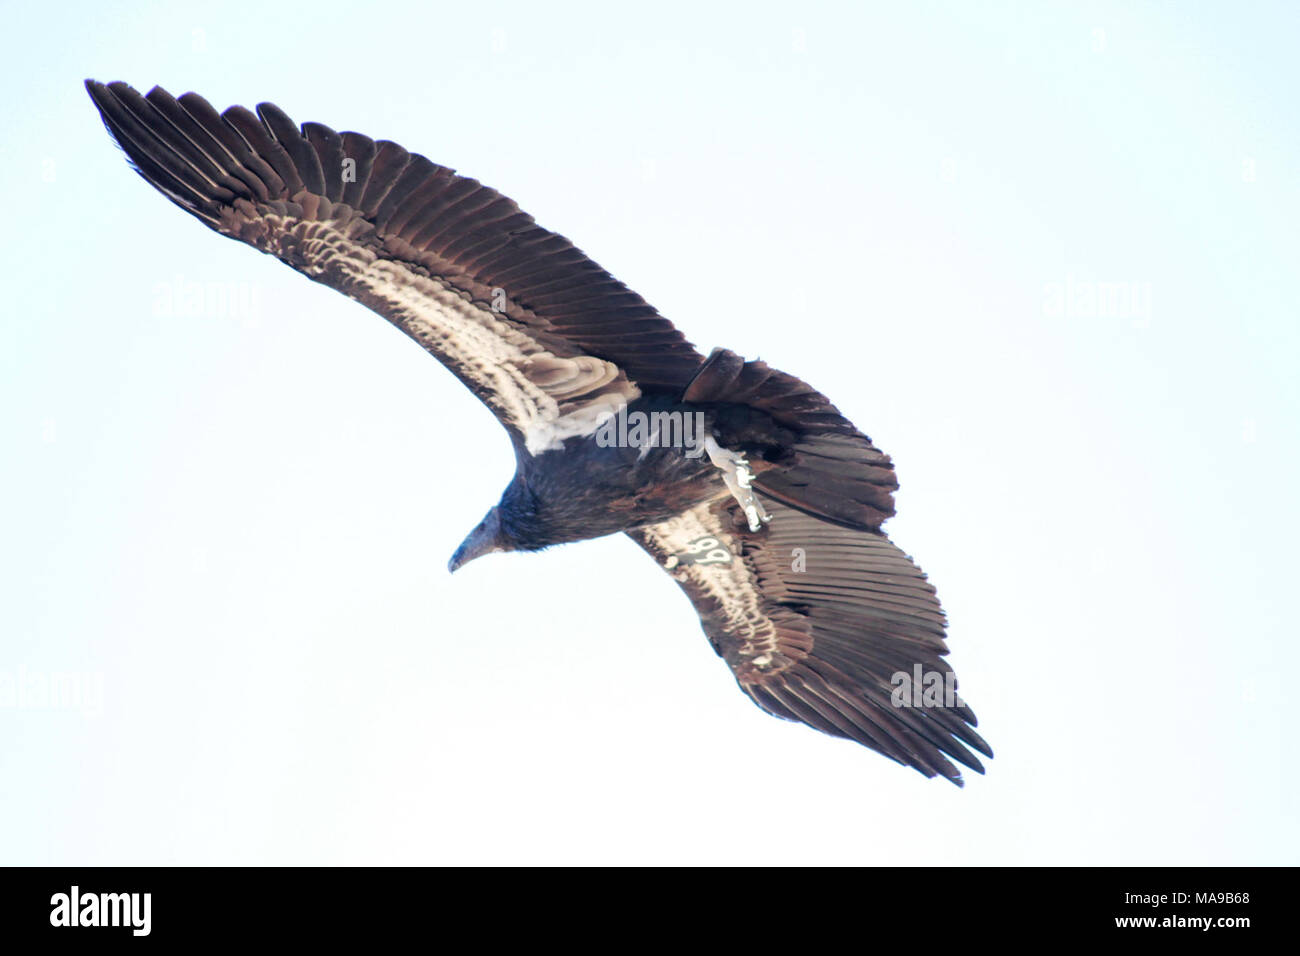 Condor Unterseite. Die nach Kalifornien Condor ist einheitlich schwarz, mit der Ausnahme, vor allem in der männlichen, von großen dreieckigen Flecken oder Streifen in Weiß auf der Unterseite der Flügel. Er hat graue Beine und Füße, einen Elfenbeinfarbenen Bill, ein Halskrause der schwarzen Federn, die die Basis des Halses und bräunlich-rote Augen. Als Anpassung für Hygiene, der Condor Kopf und Hals haben wenige Federn, die die Haut auf die sterilisierende Wirkung von Dehydratation und solar UV-Licht macht in großen Höhen. Die Haut von Kopf und Hals ist in der Lage, deutlich Spülen in Reaktion auf emotionale St Stockbild